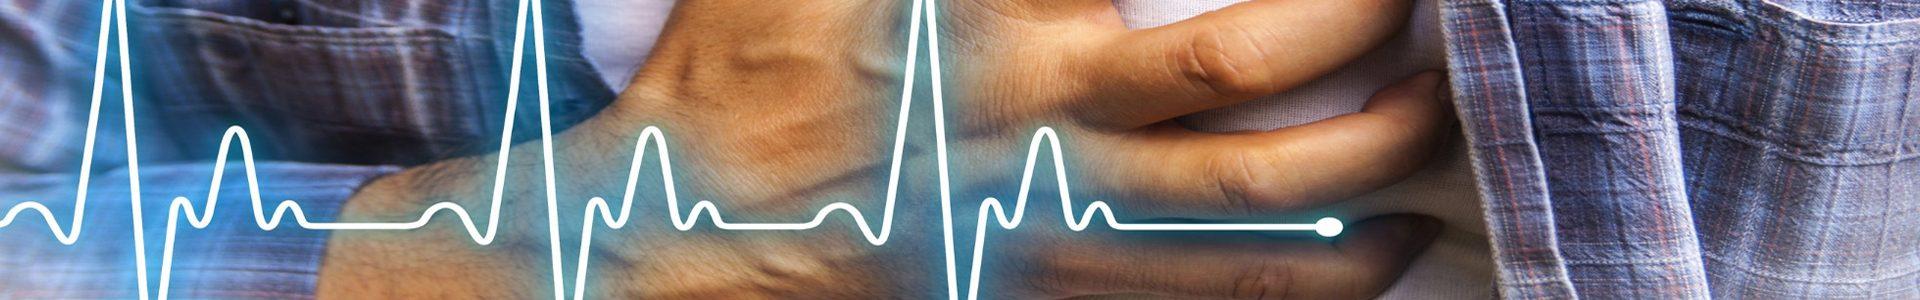 infarto al corazon